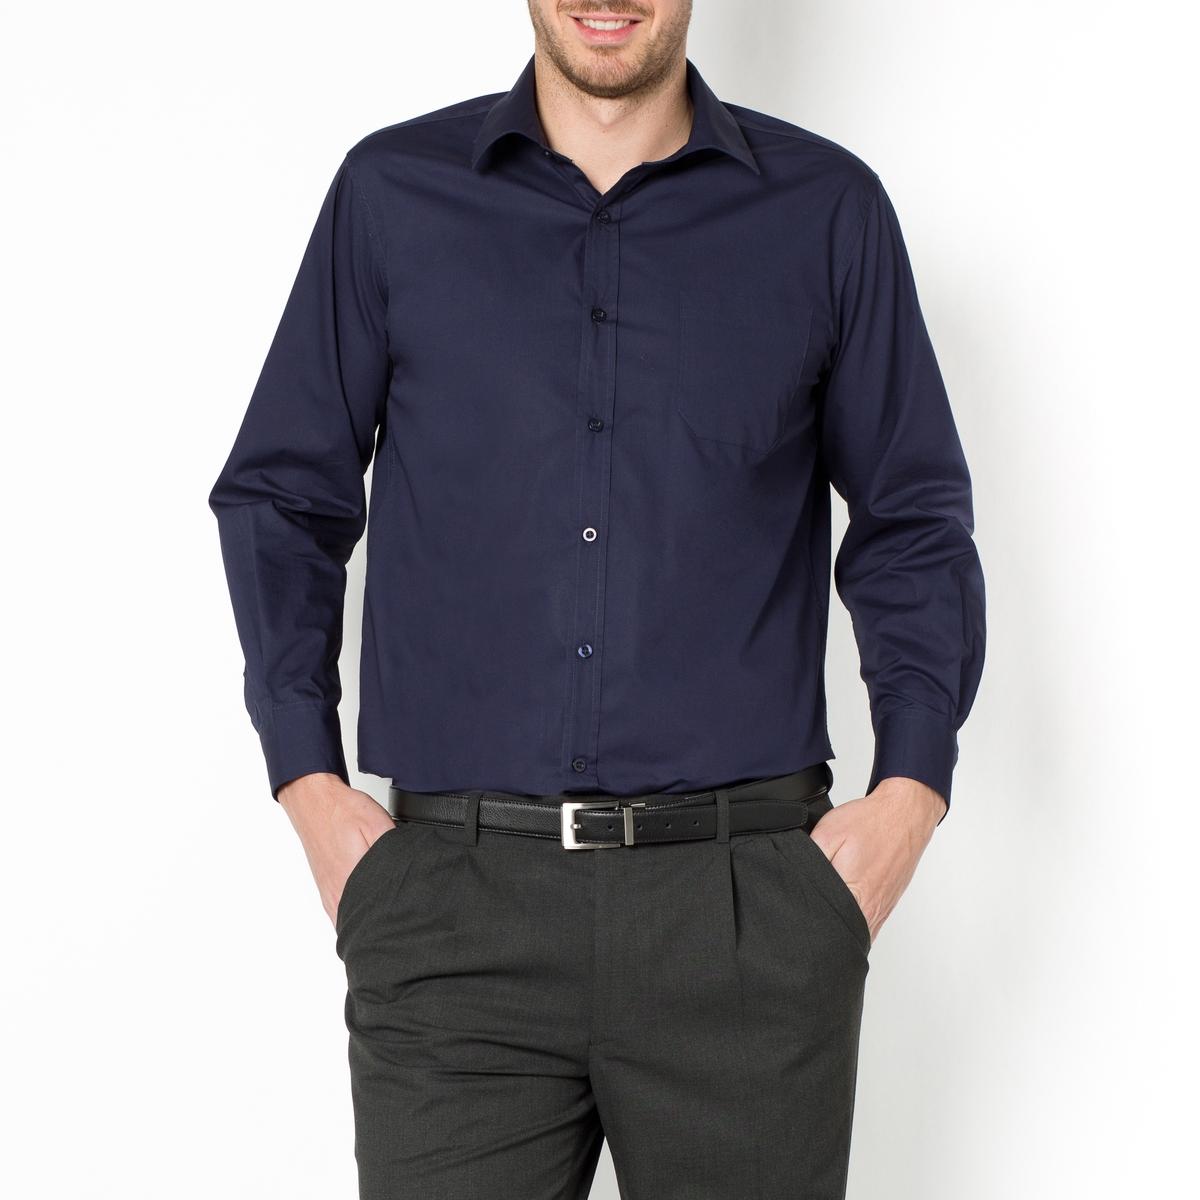 Рубашка из поплина с длинными рукавами, рост 2Рост 2 (при росте 177-187 см) : - длина рубашки спереди : 85 см для размера 41/42 и 92 см для размера 55/56.- длина рукавов : 65 смДанная модель представлена также для роста 1 (при росте до 176 см) и 3 (при росте от 187 см) и с короткими рукавами.<br><br>Цвет: белый,голубой,синий морской,черный<br>Размер: 47/48.45/46.43/44.43/44.43/44.41/42.47/48.53/54.51/52.45/46